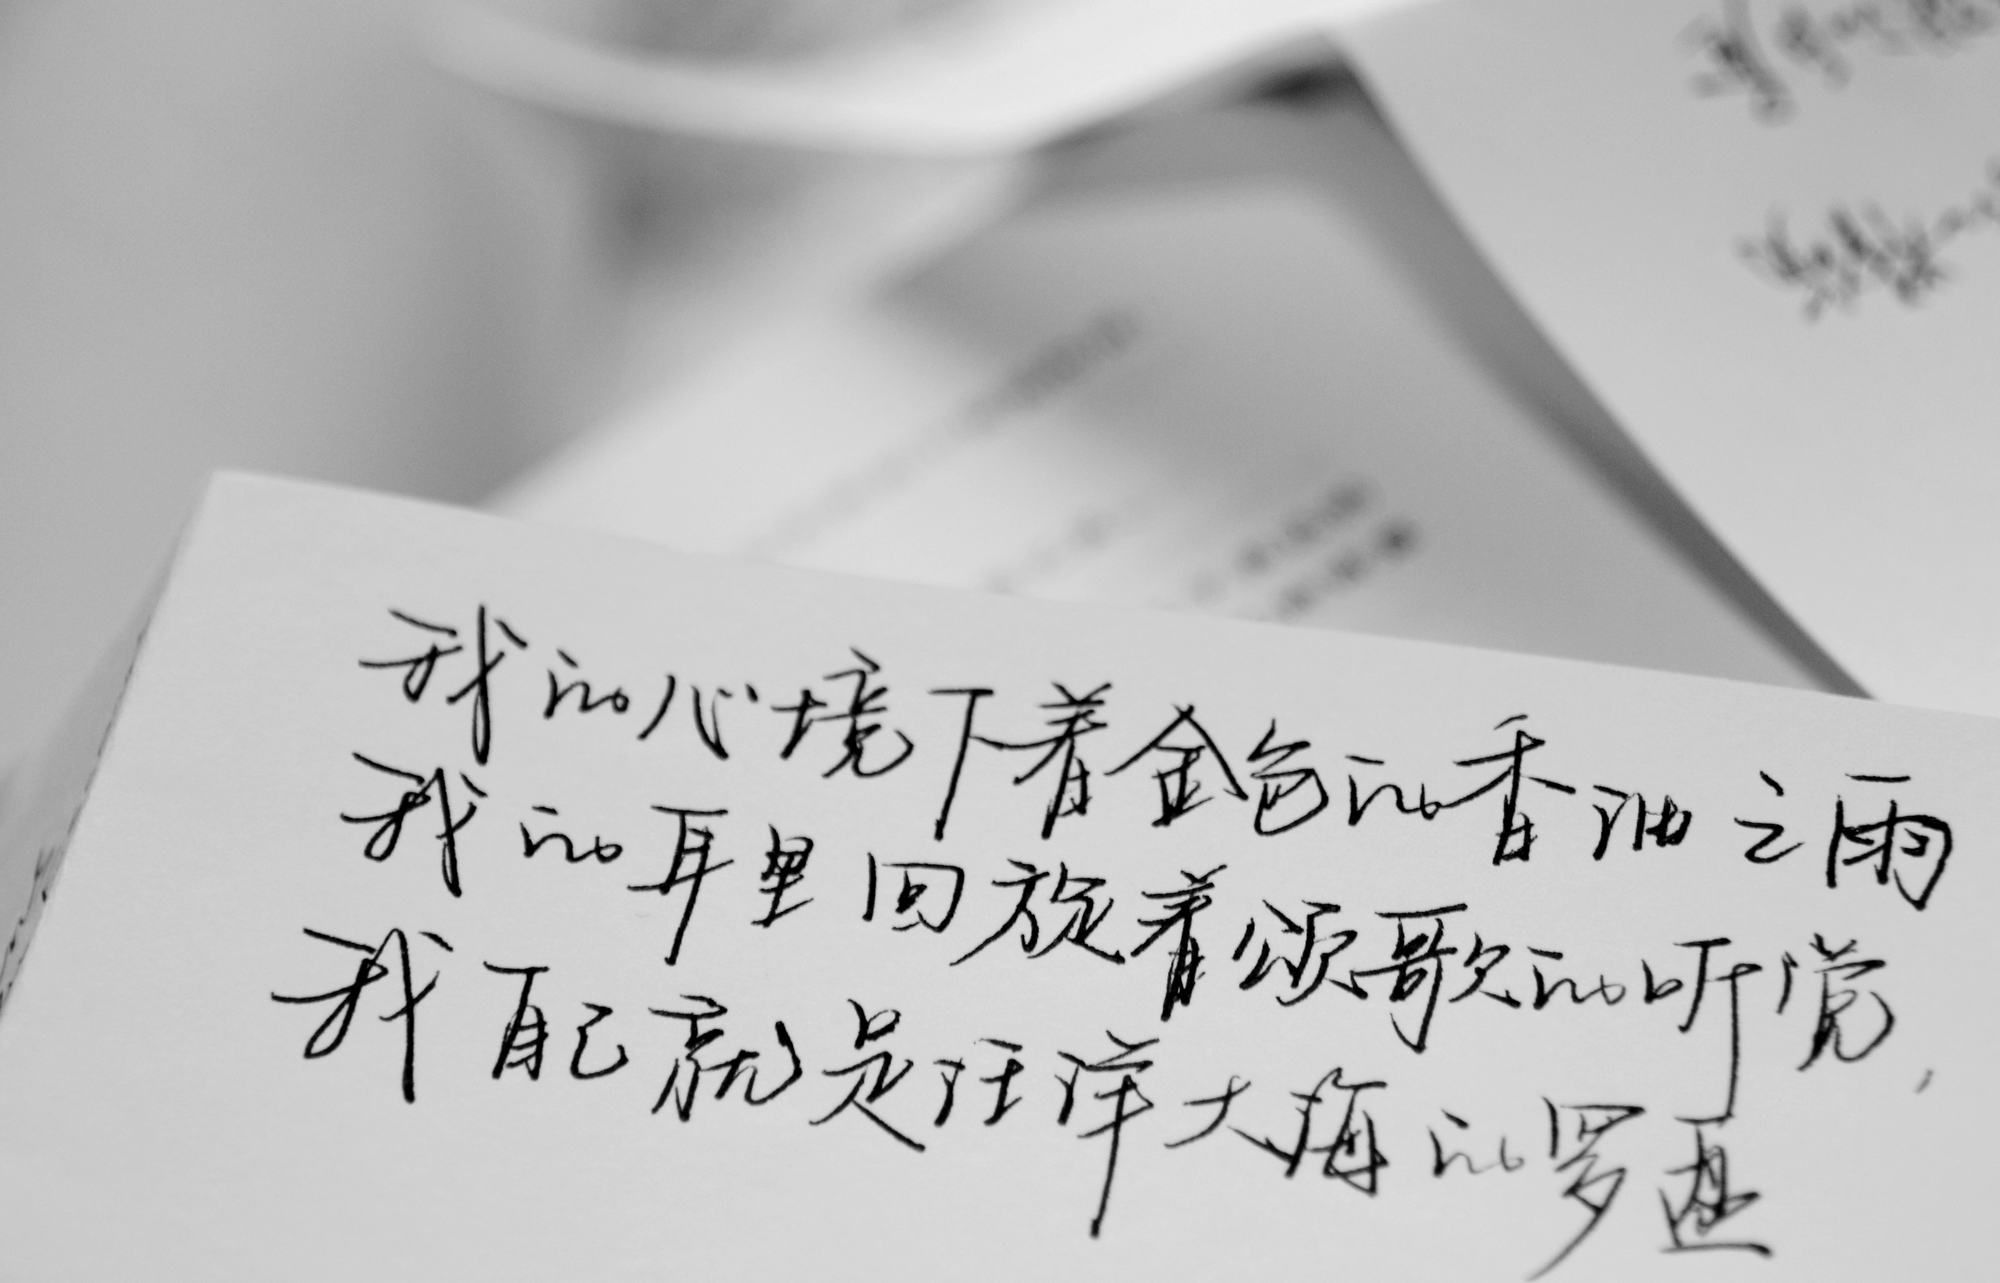 Chinese Handwriting By Cherryiris